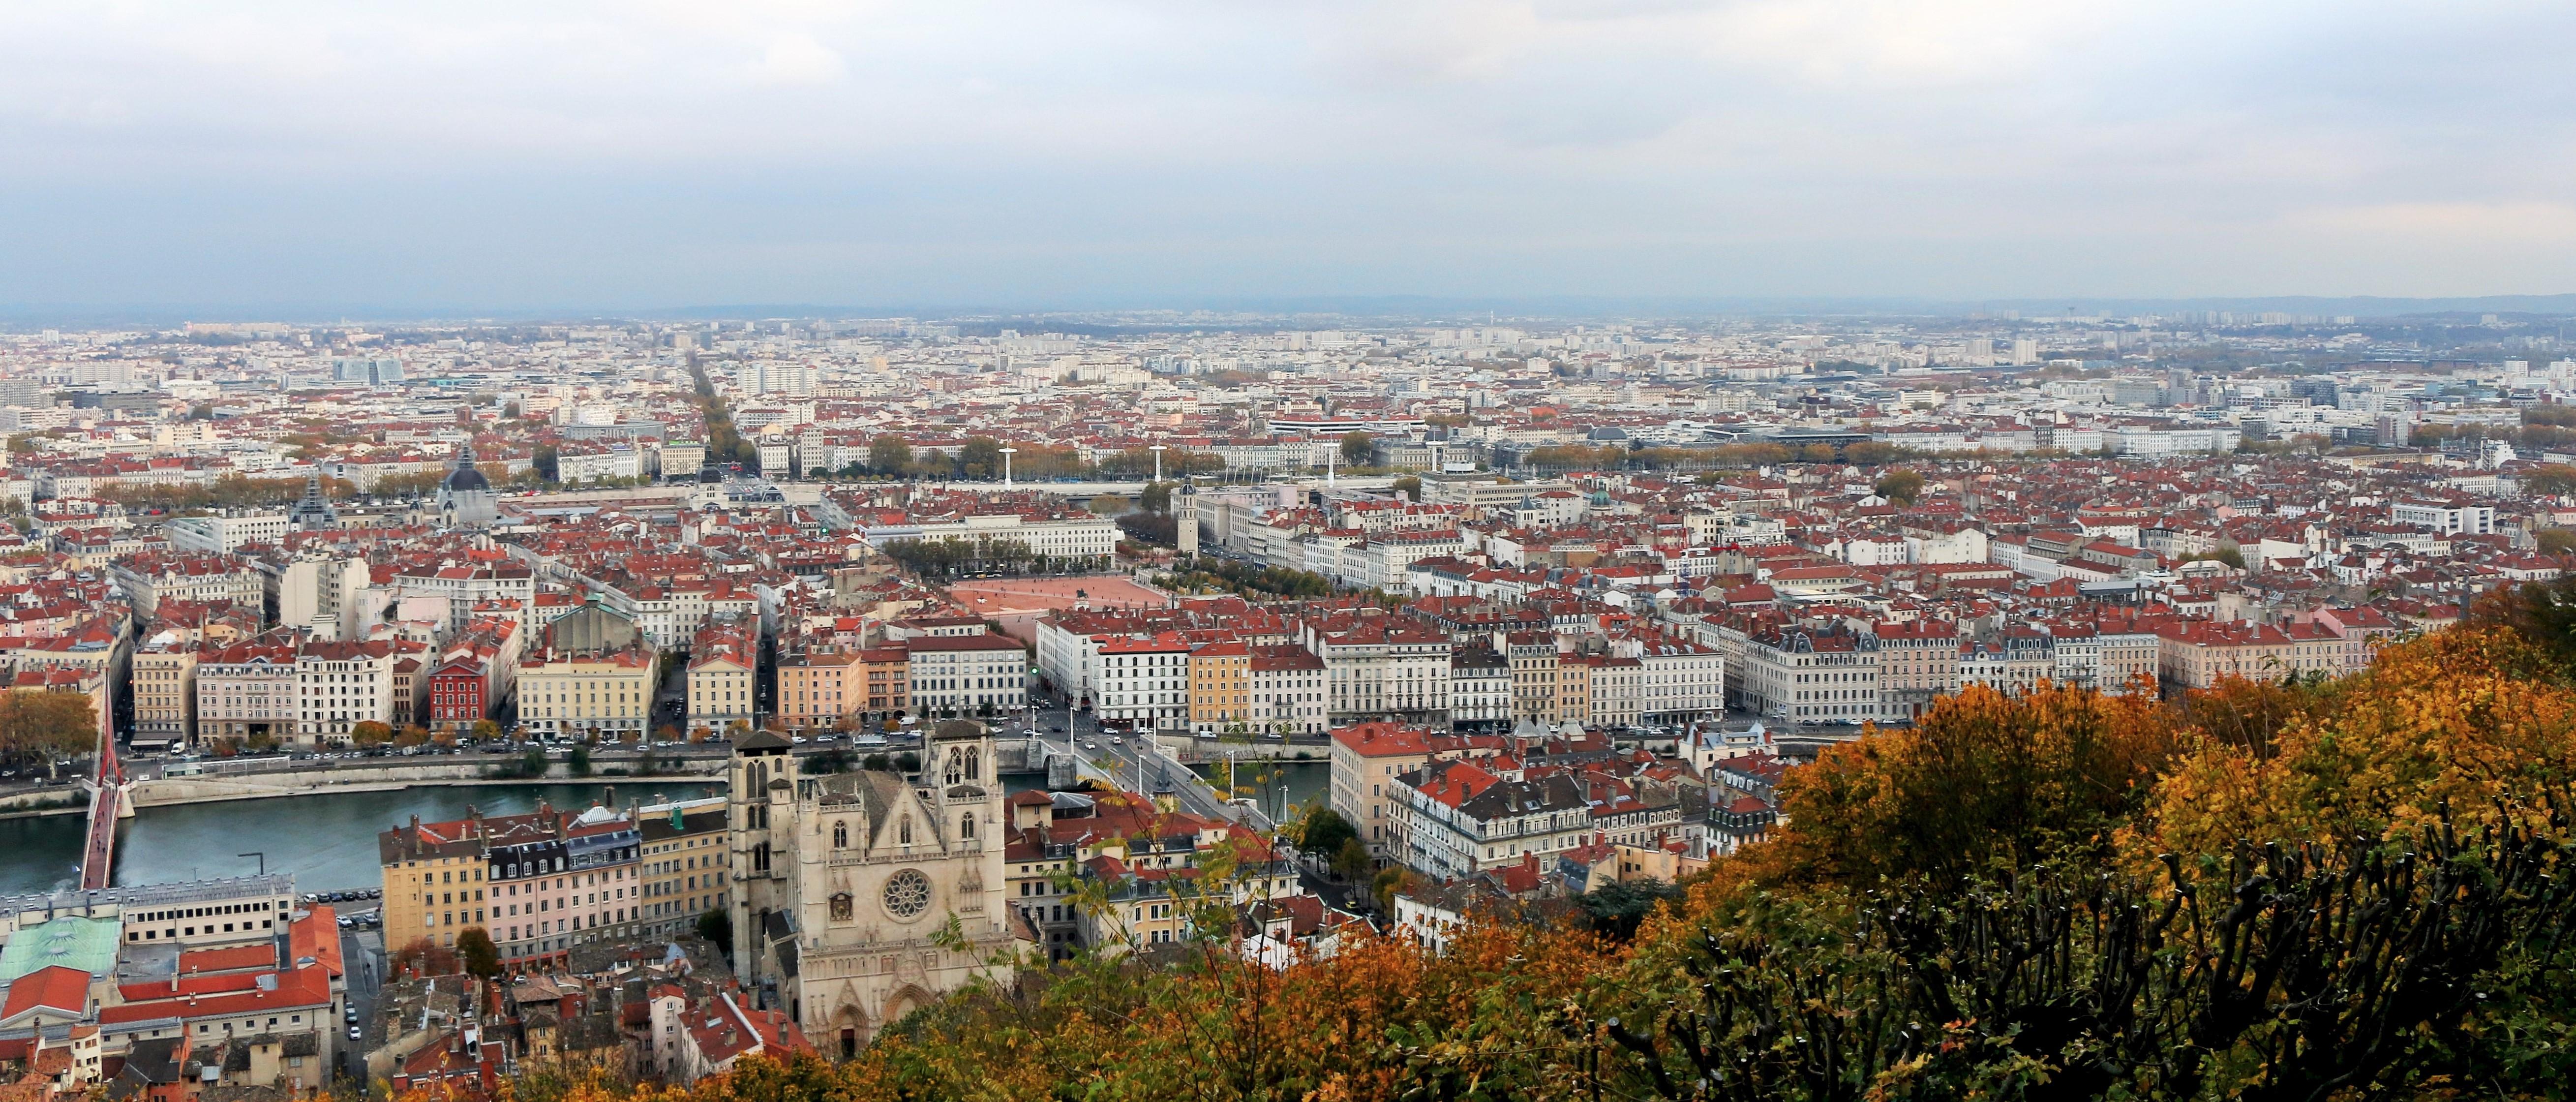 Einmaliger Blick auf die Stadt - Lyon von oben